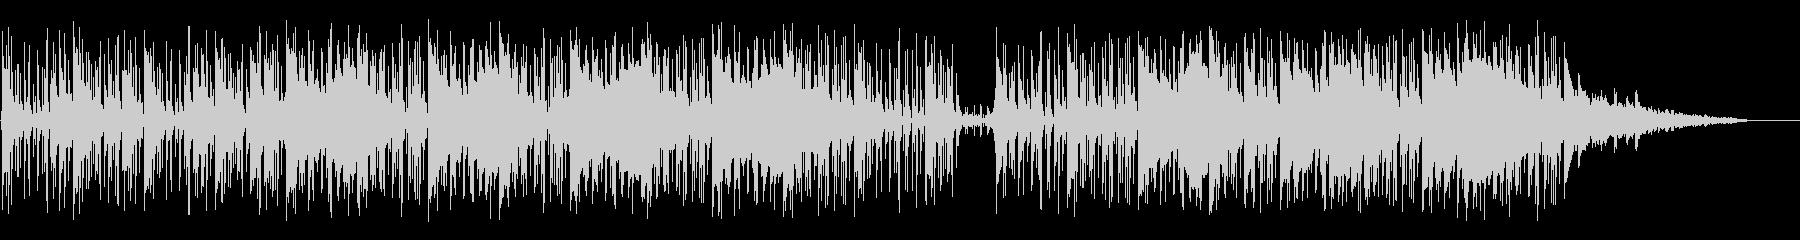 ソフトなピアノとホーンの未再生の波形